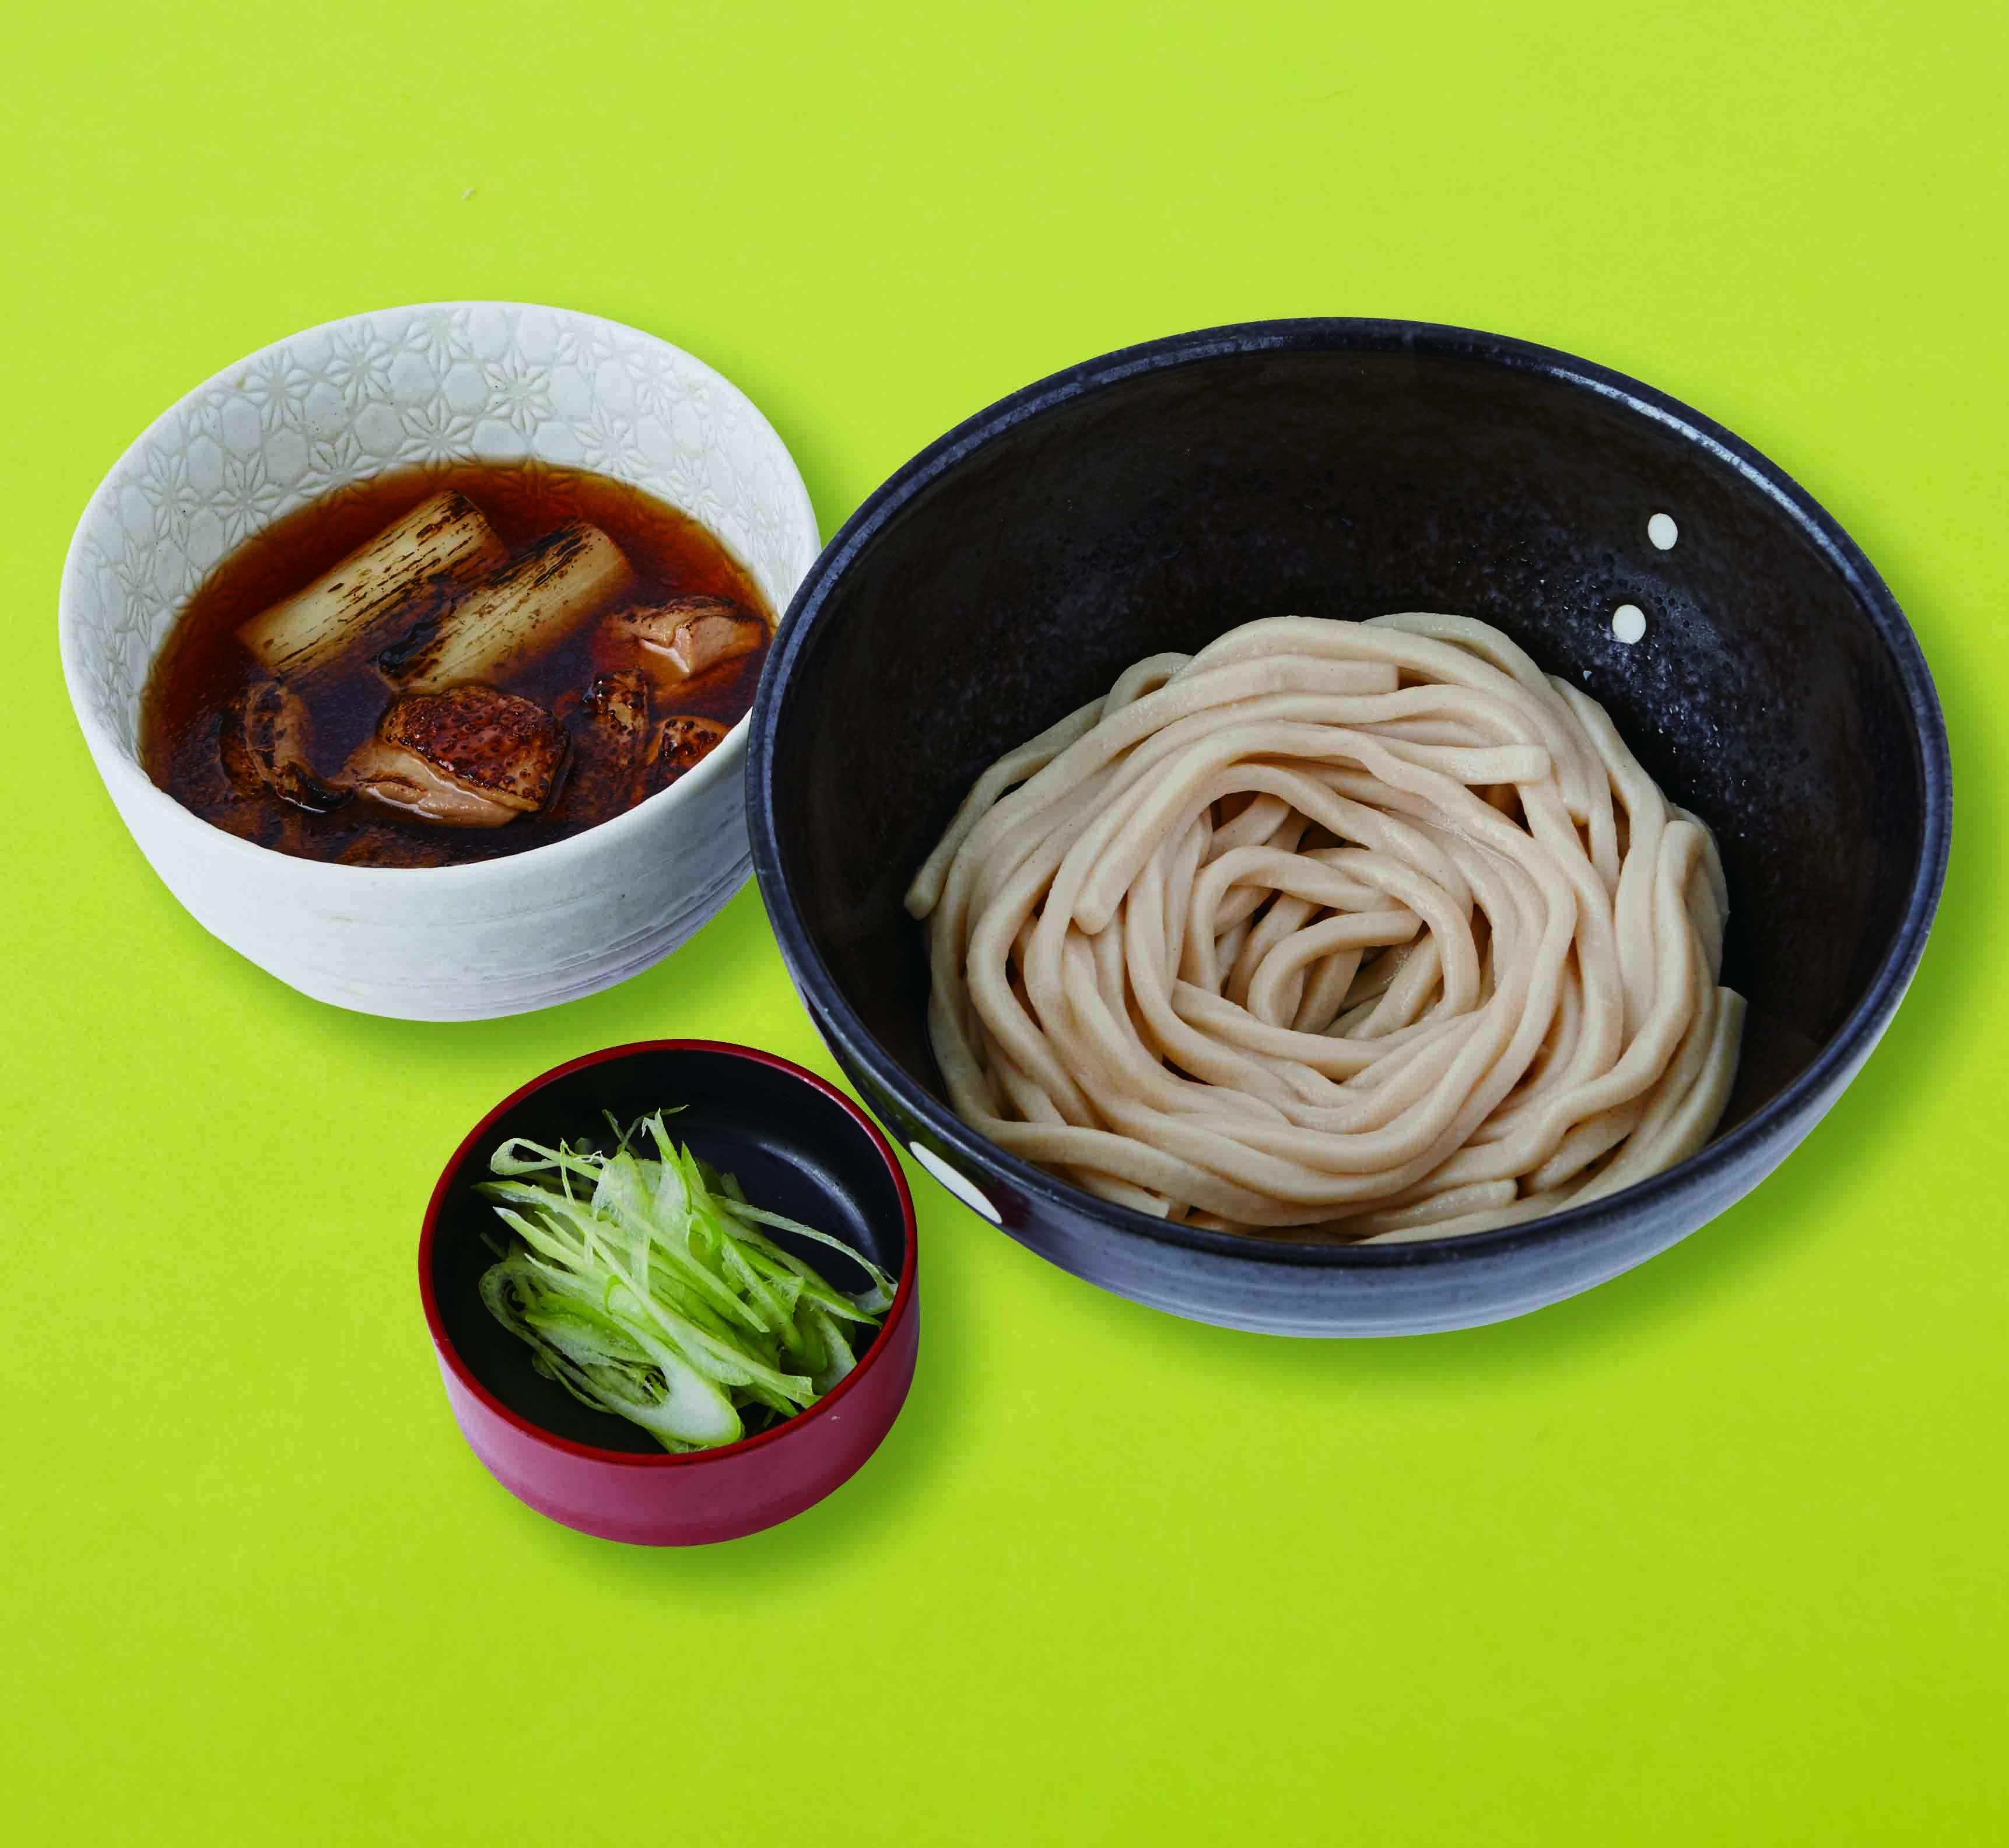 おすすめベスト2 炙りしゃもつけ麺 / 1,100円(税込)